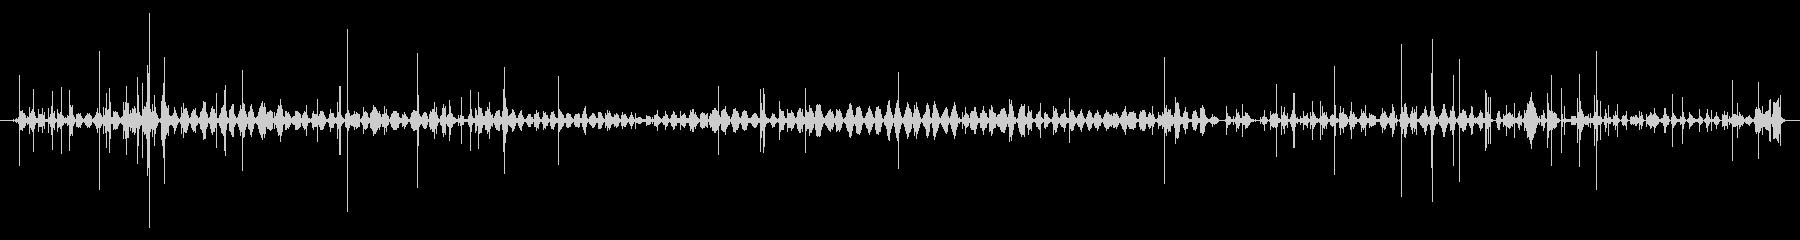 サンドペーパー:木材の高速サンディ...の未再生の波形